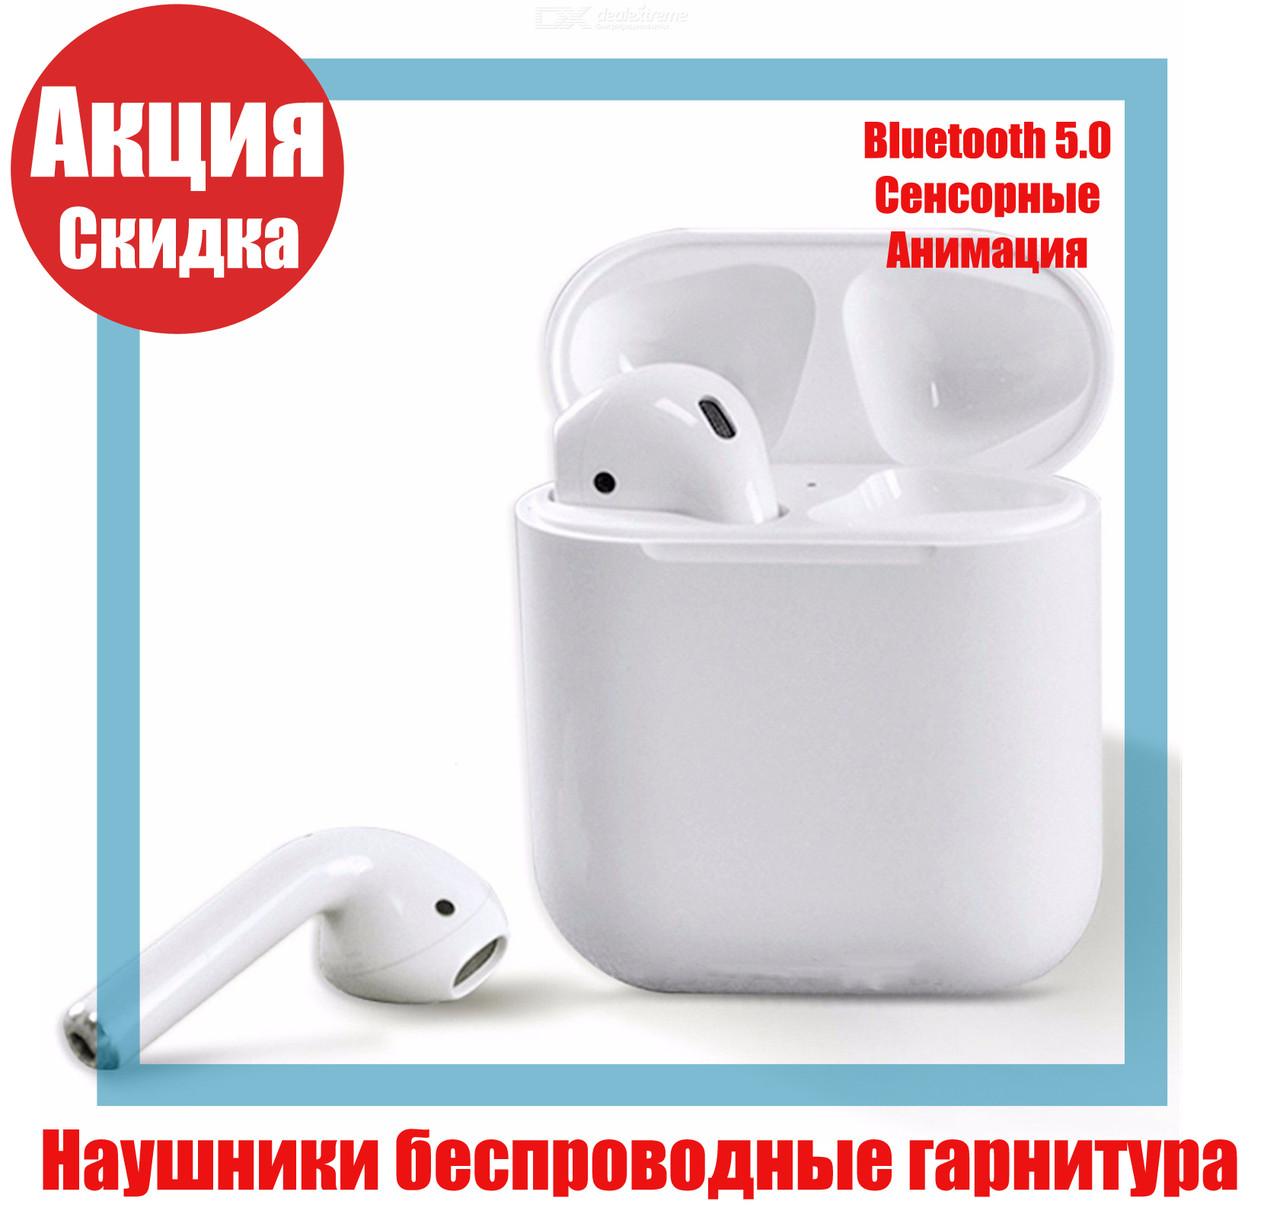 Наушники TWS MINI ОРИГИНАЛ беспроводные Bluetooth с кейсом Power Bank QualitiReplica